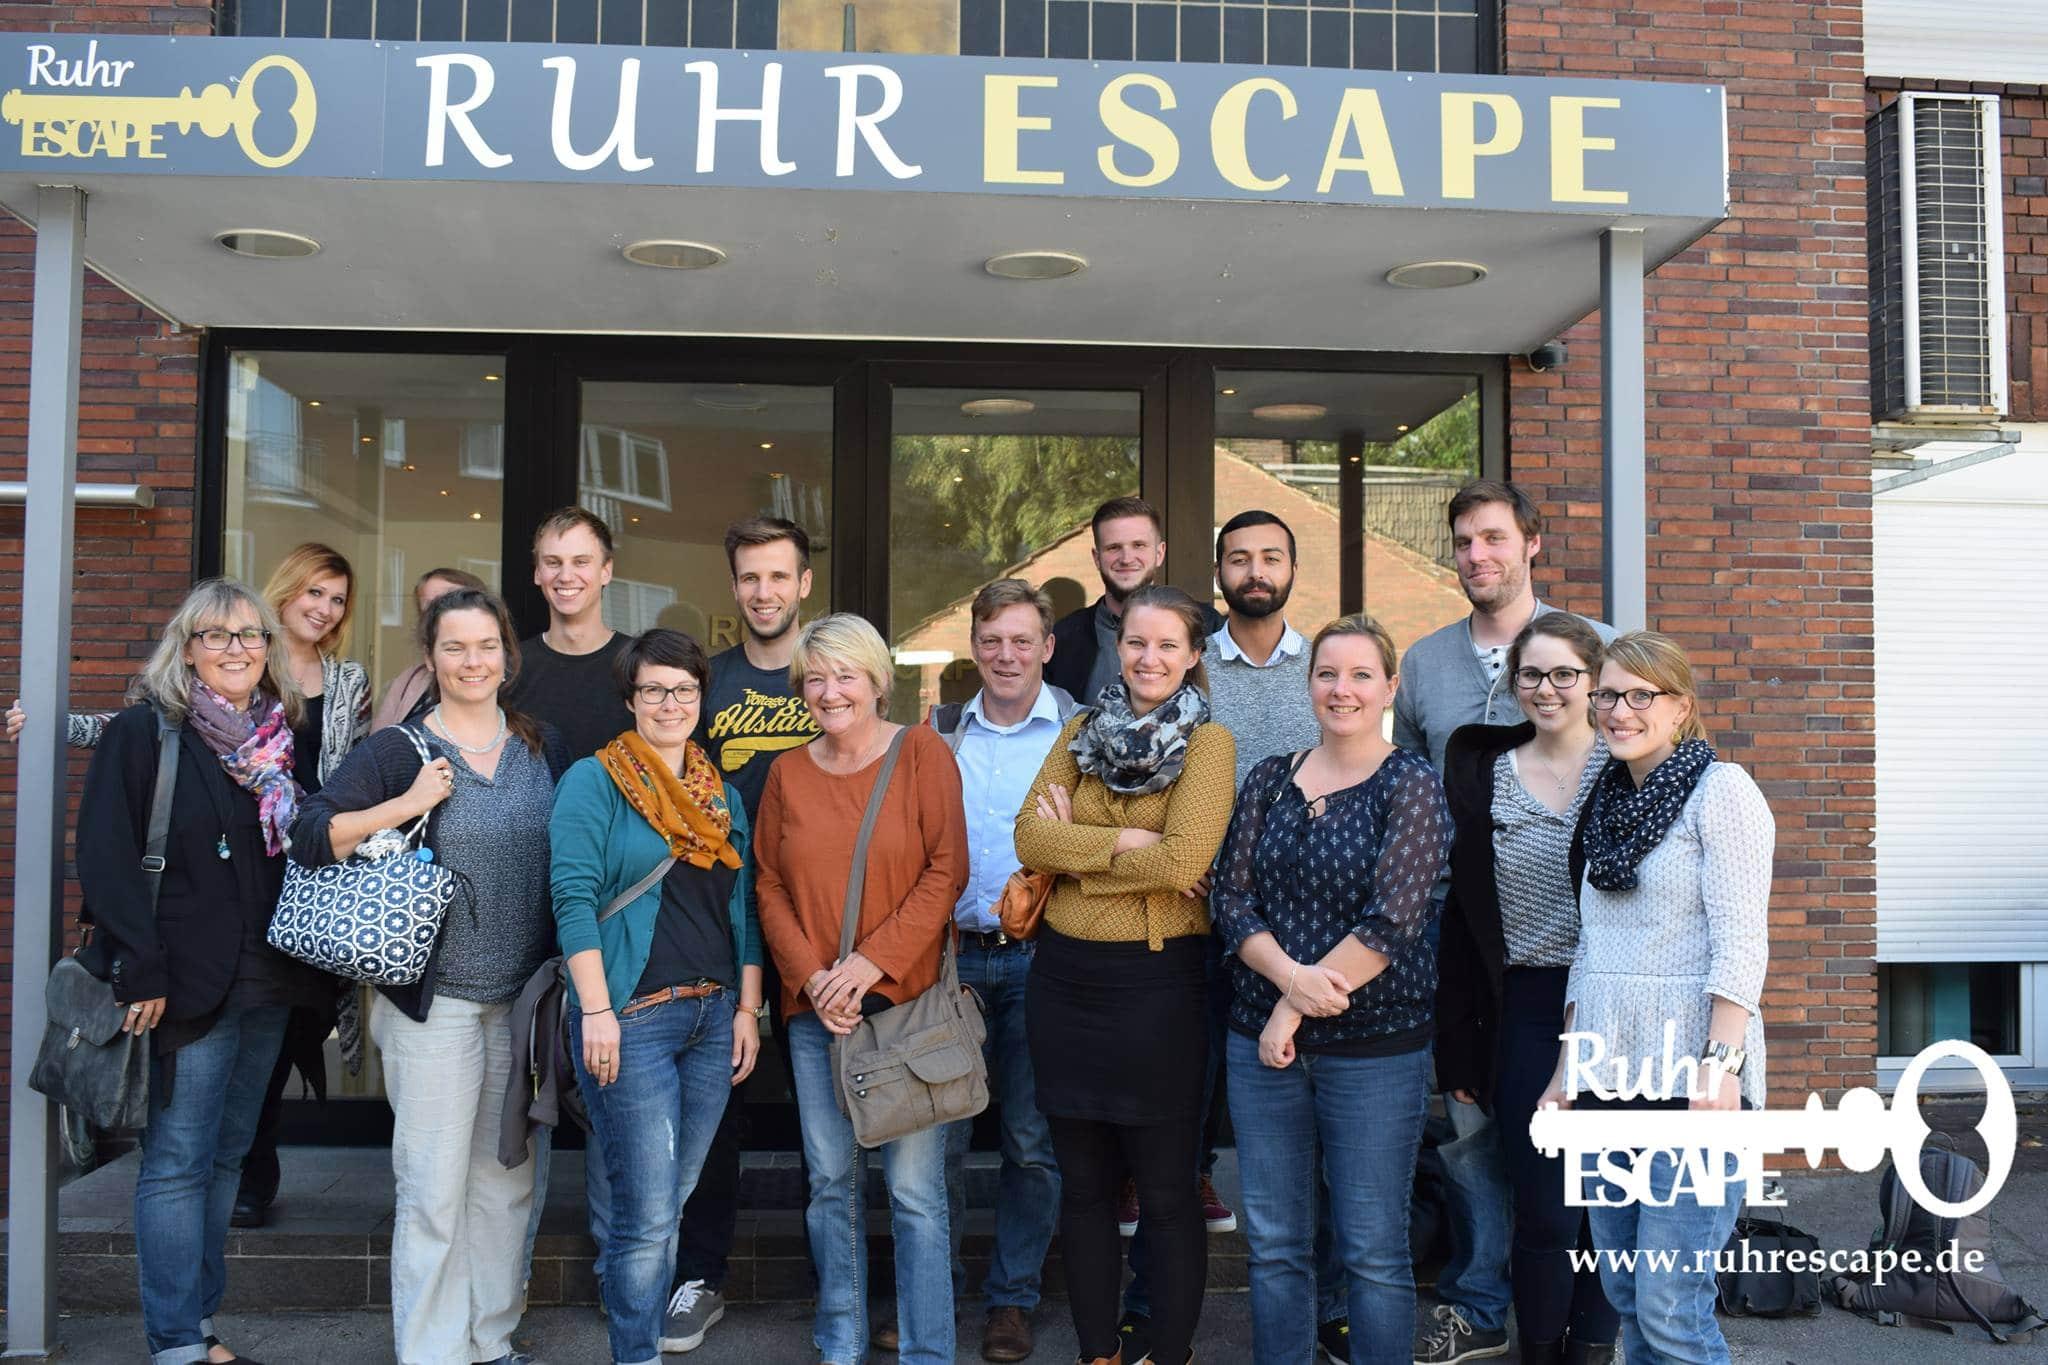 RuhrEscape: Live Escape Game